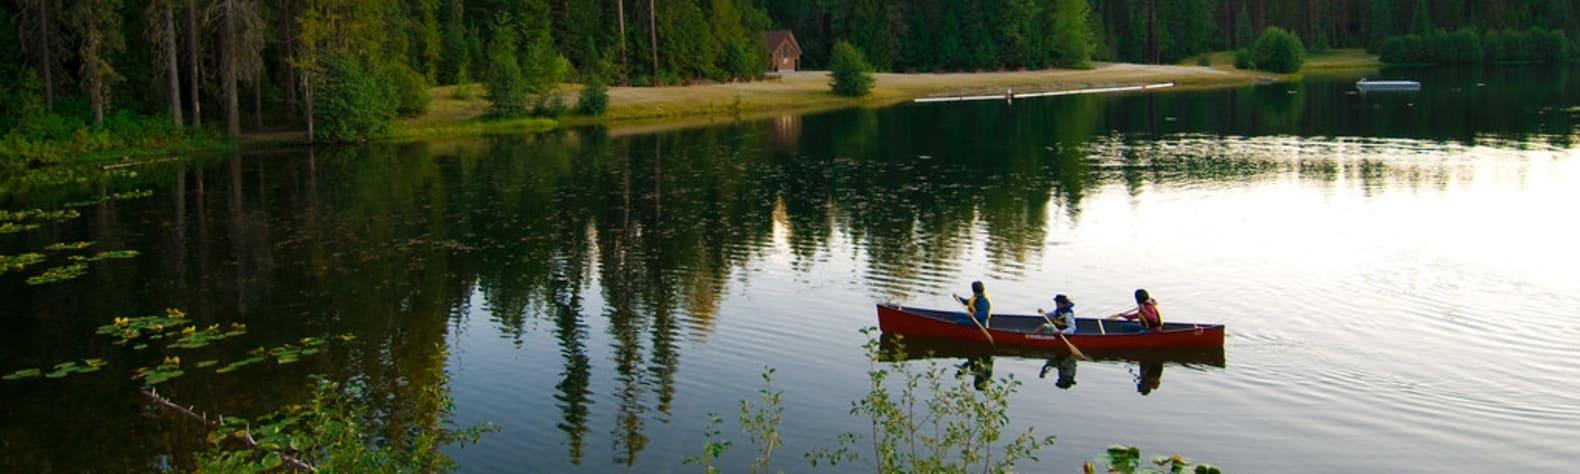 Champion Lakes Provincial Park